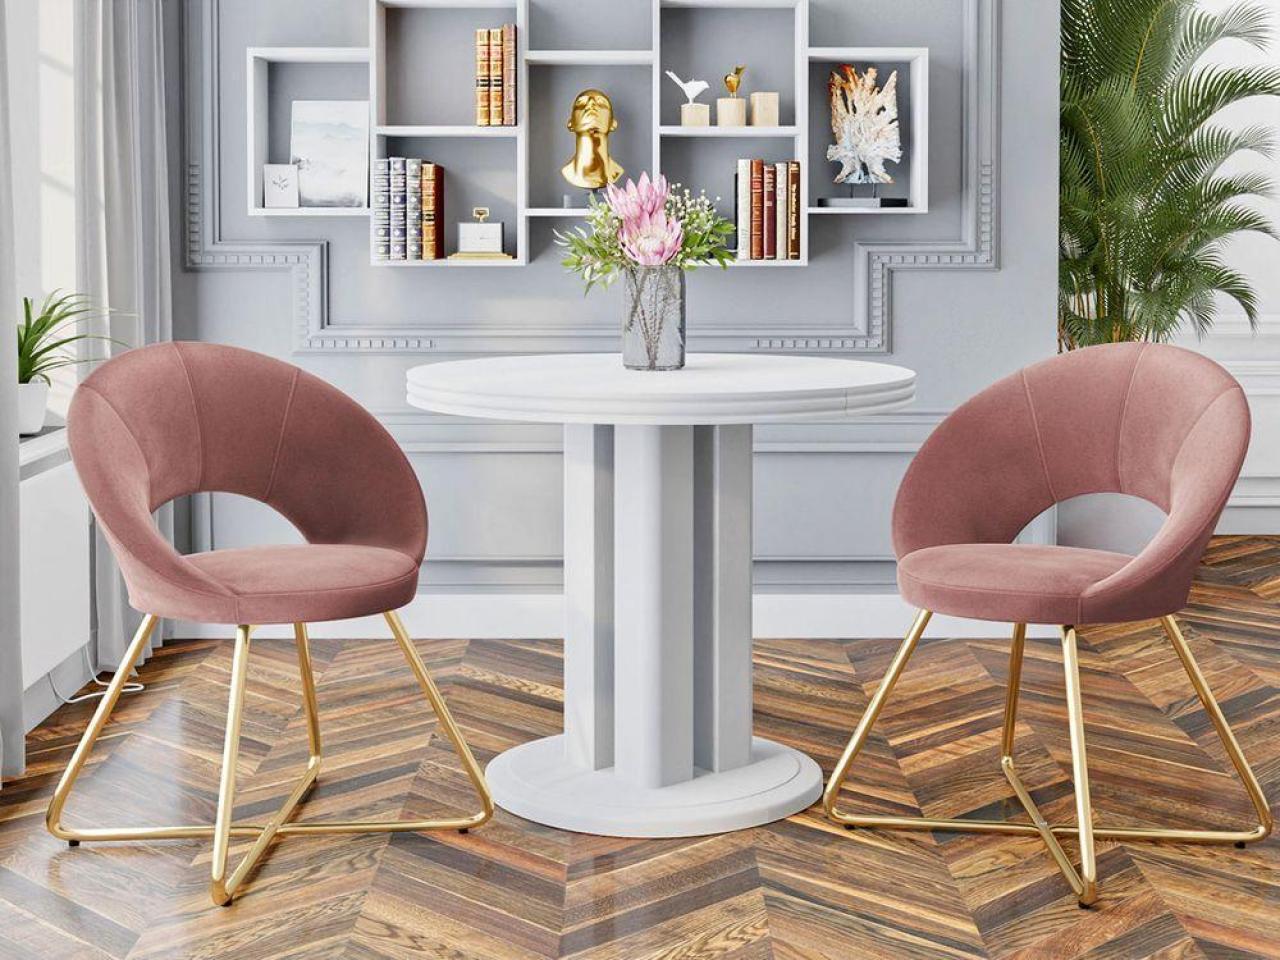 Furnipol-Польская мебель для дома - 2